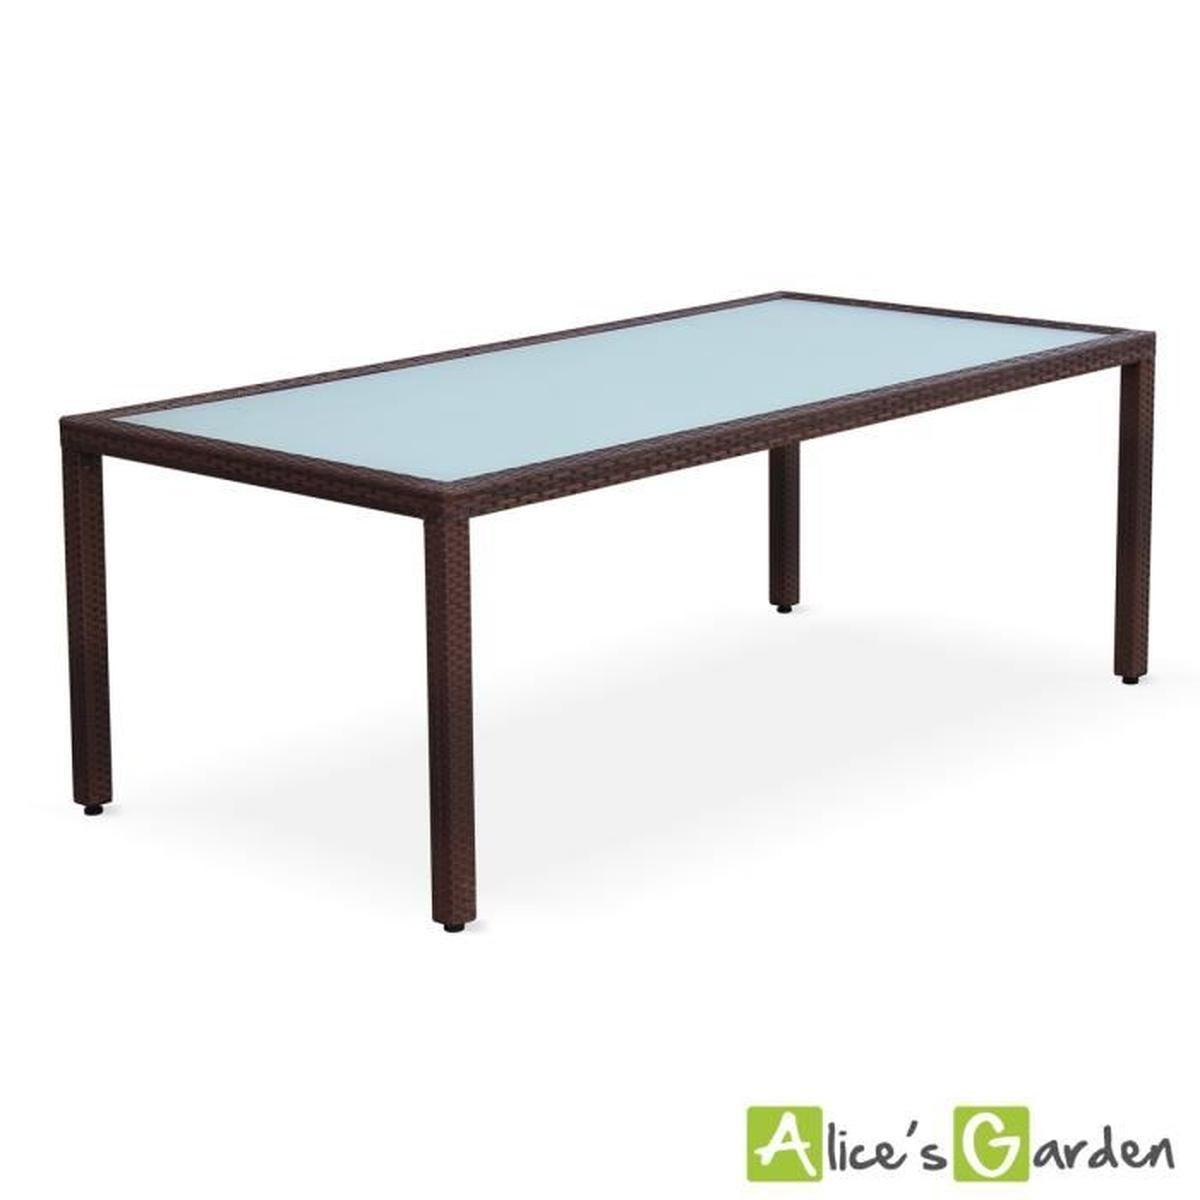 Table De Jardin 200Cm Salon En Résine Tressée 8… - Achat ... dedans Table De Jardin C Discount